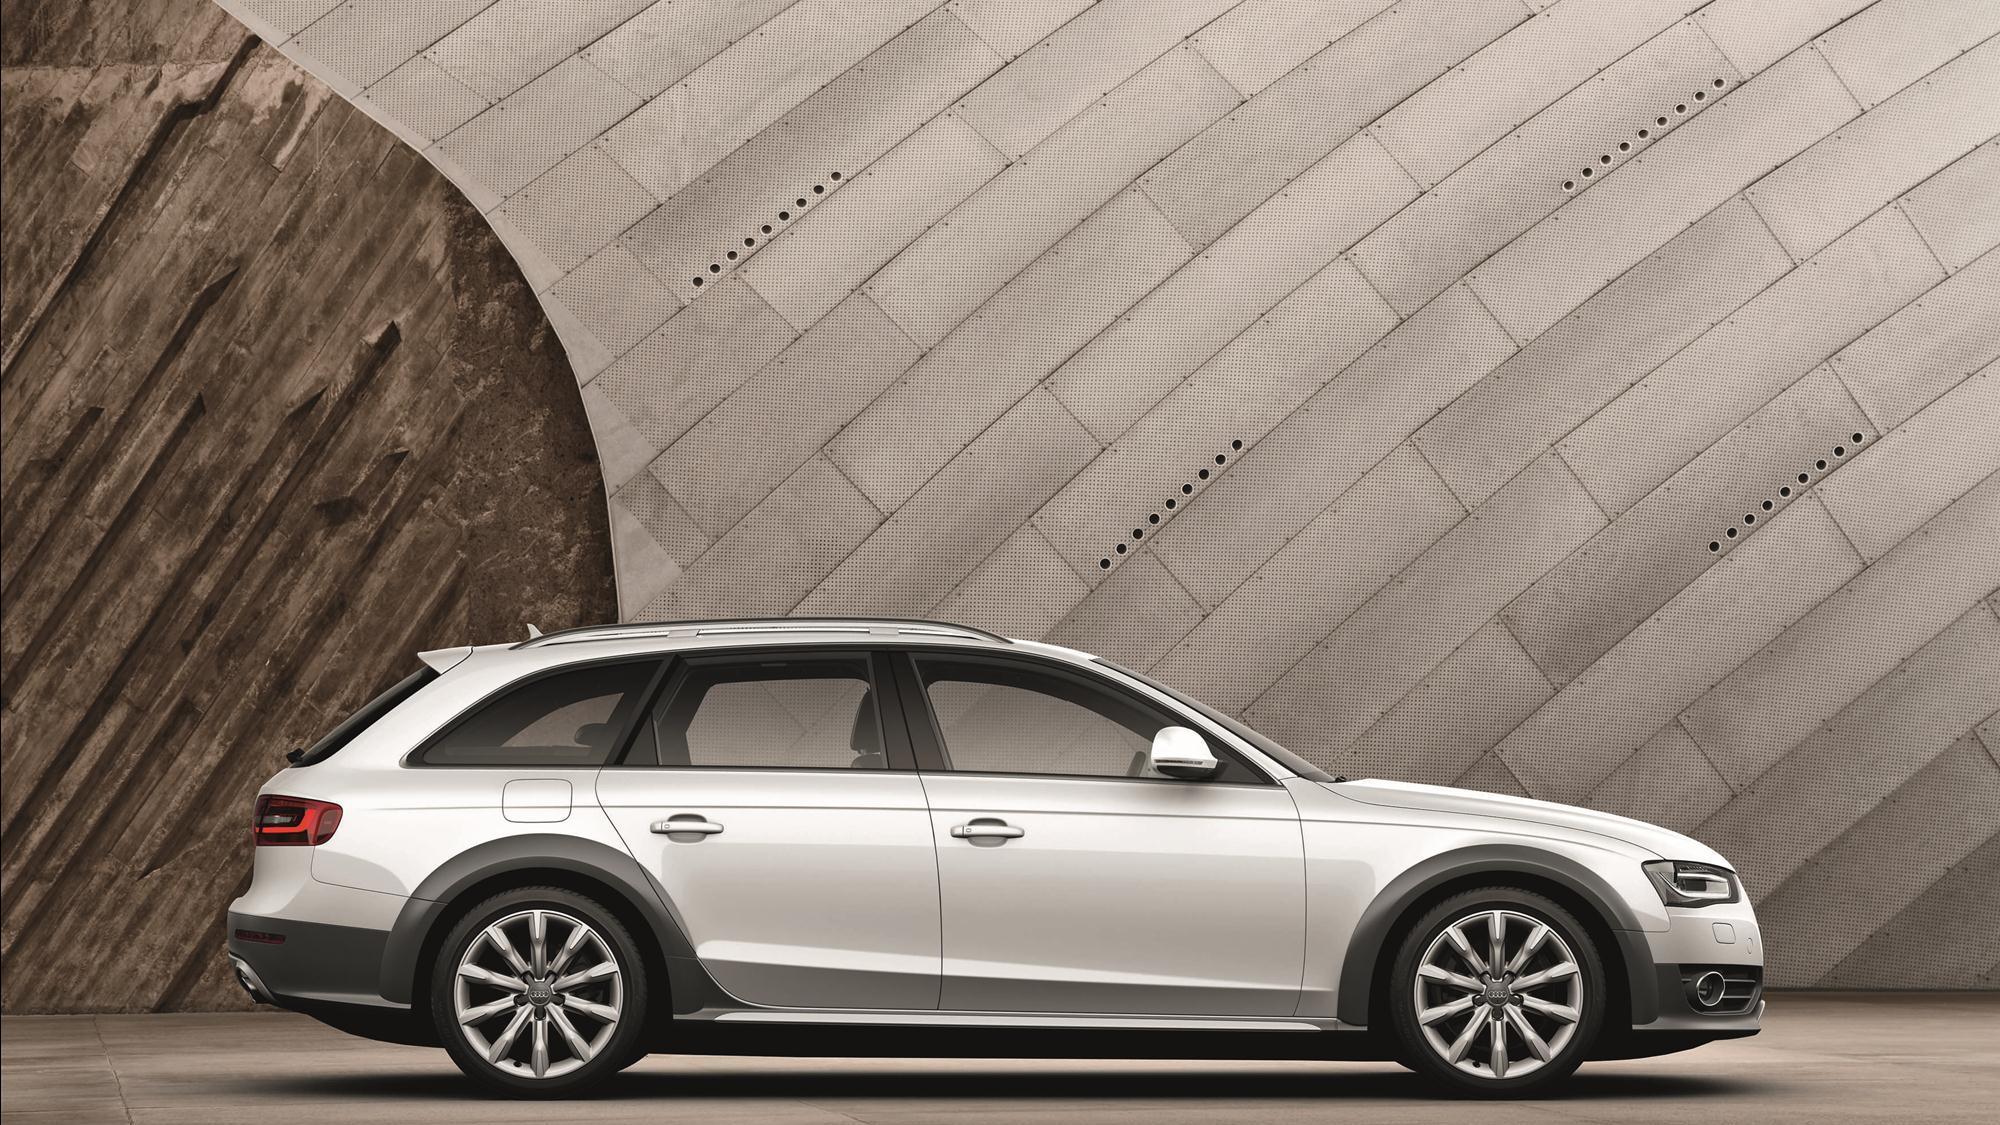 Kelebihan Audi A4 Avant 2013 Harga